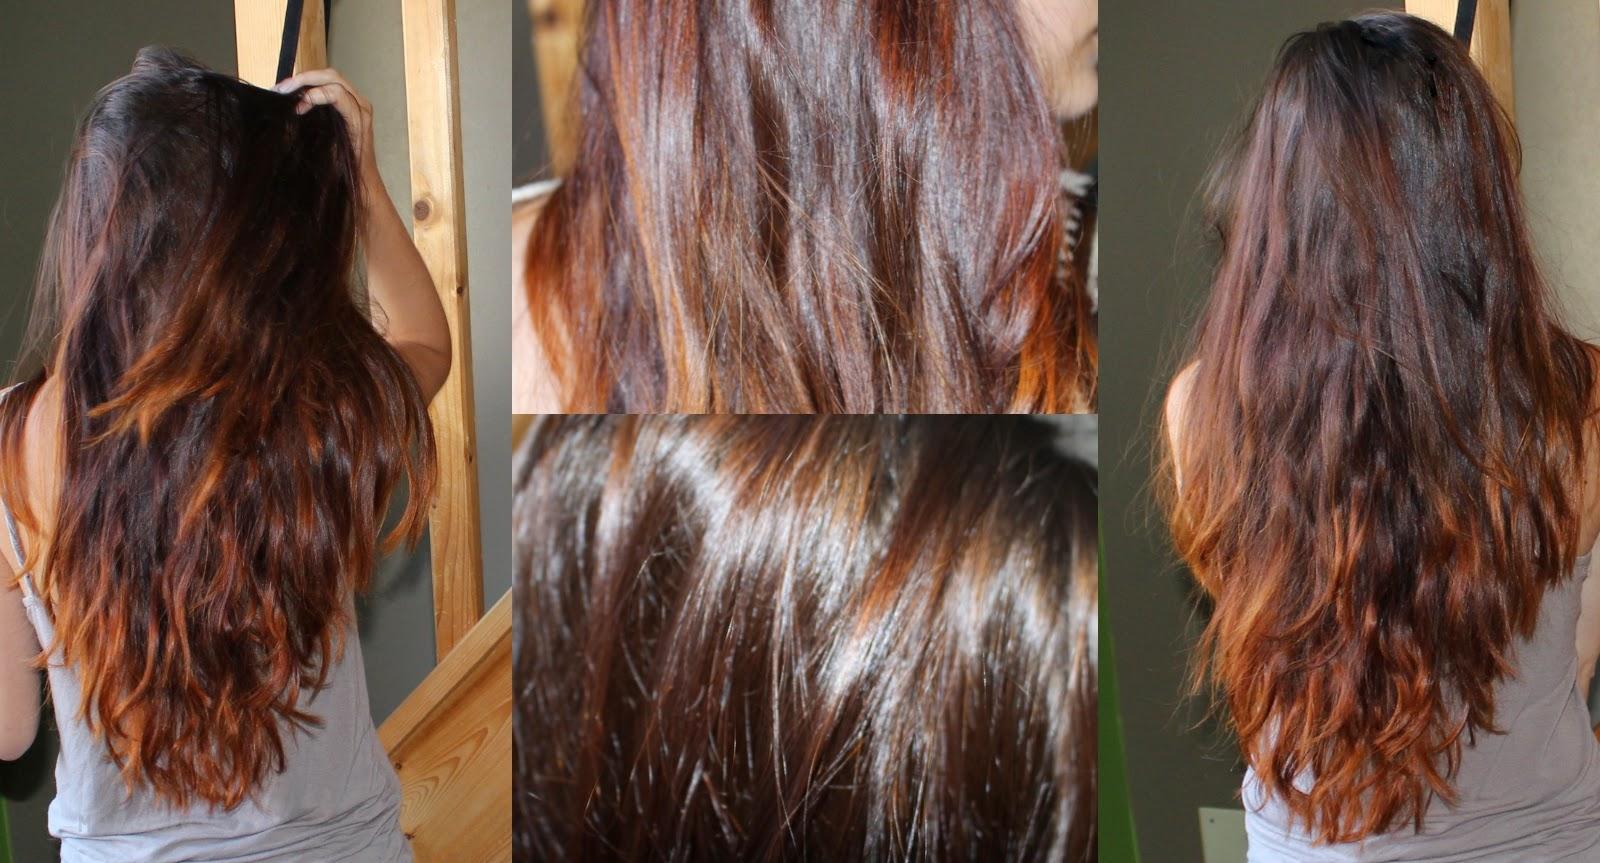 Priorin les vitamines pour les cheveux lapplication